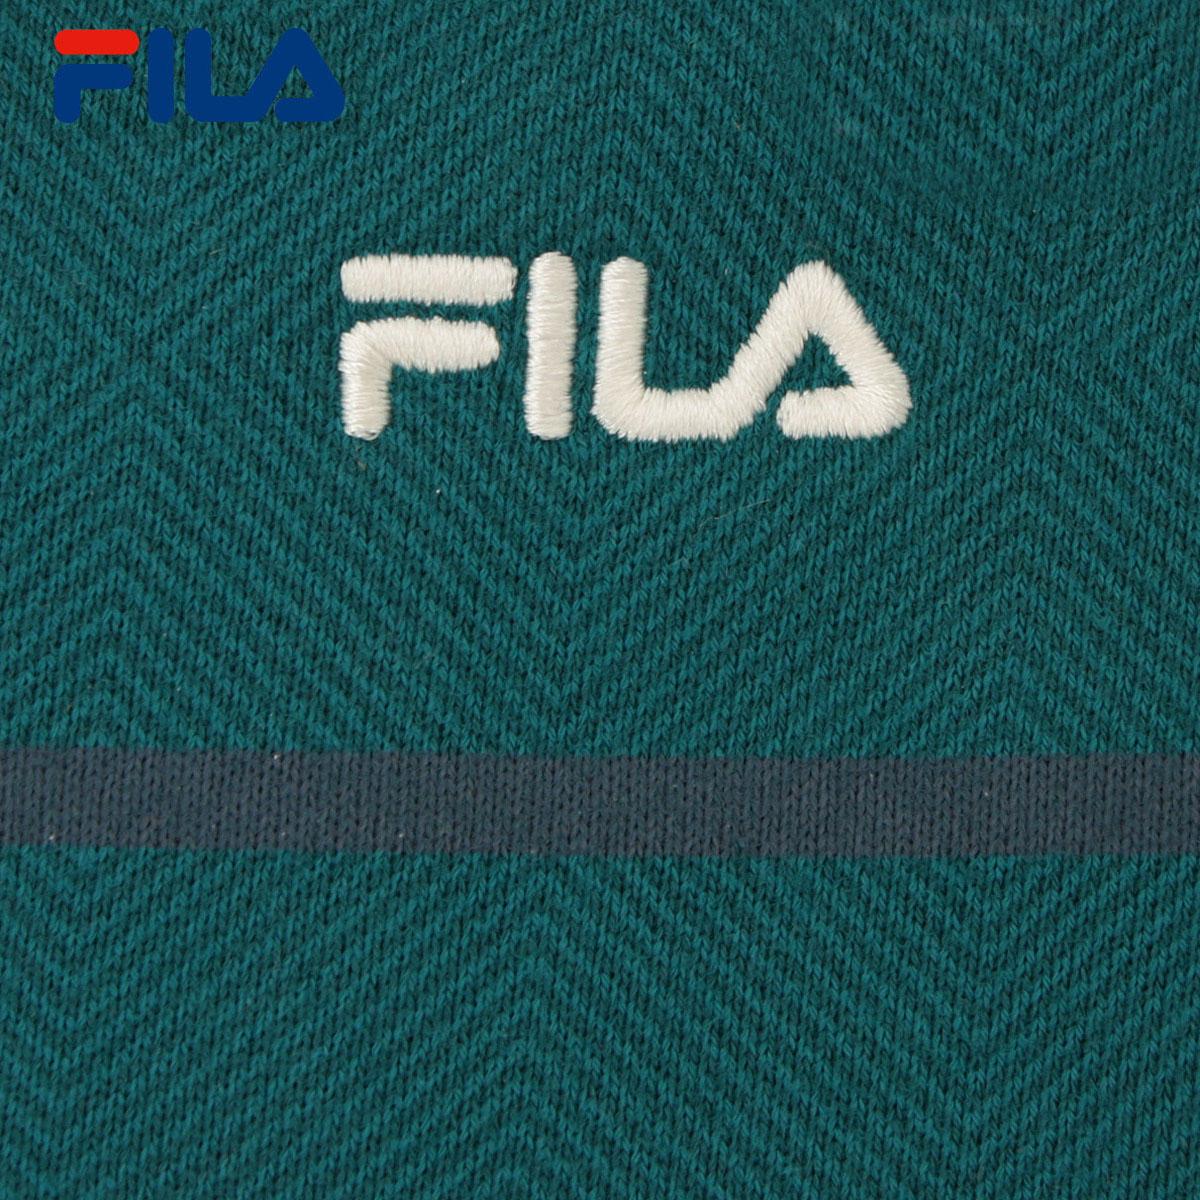 Спортивная толстовка Fila 5045231 Женские Пуловер Осень 2010